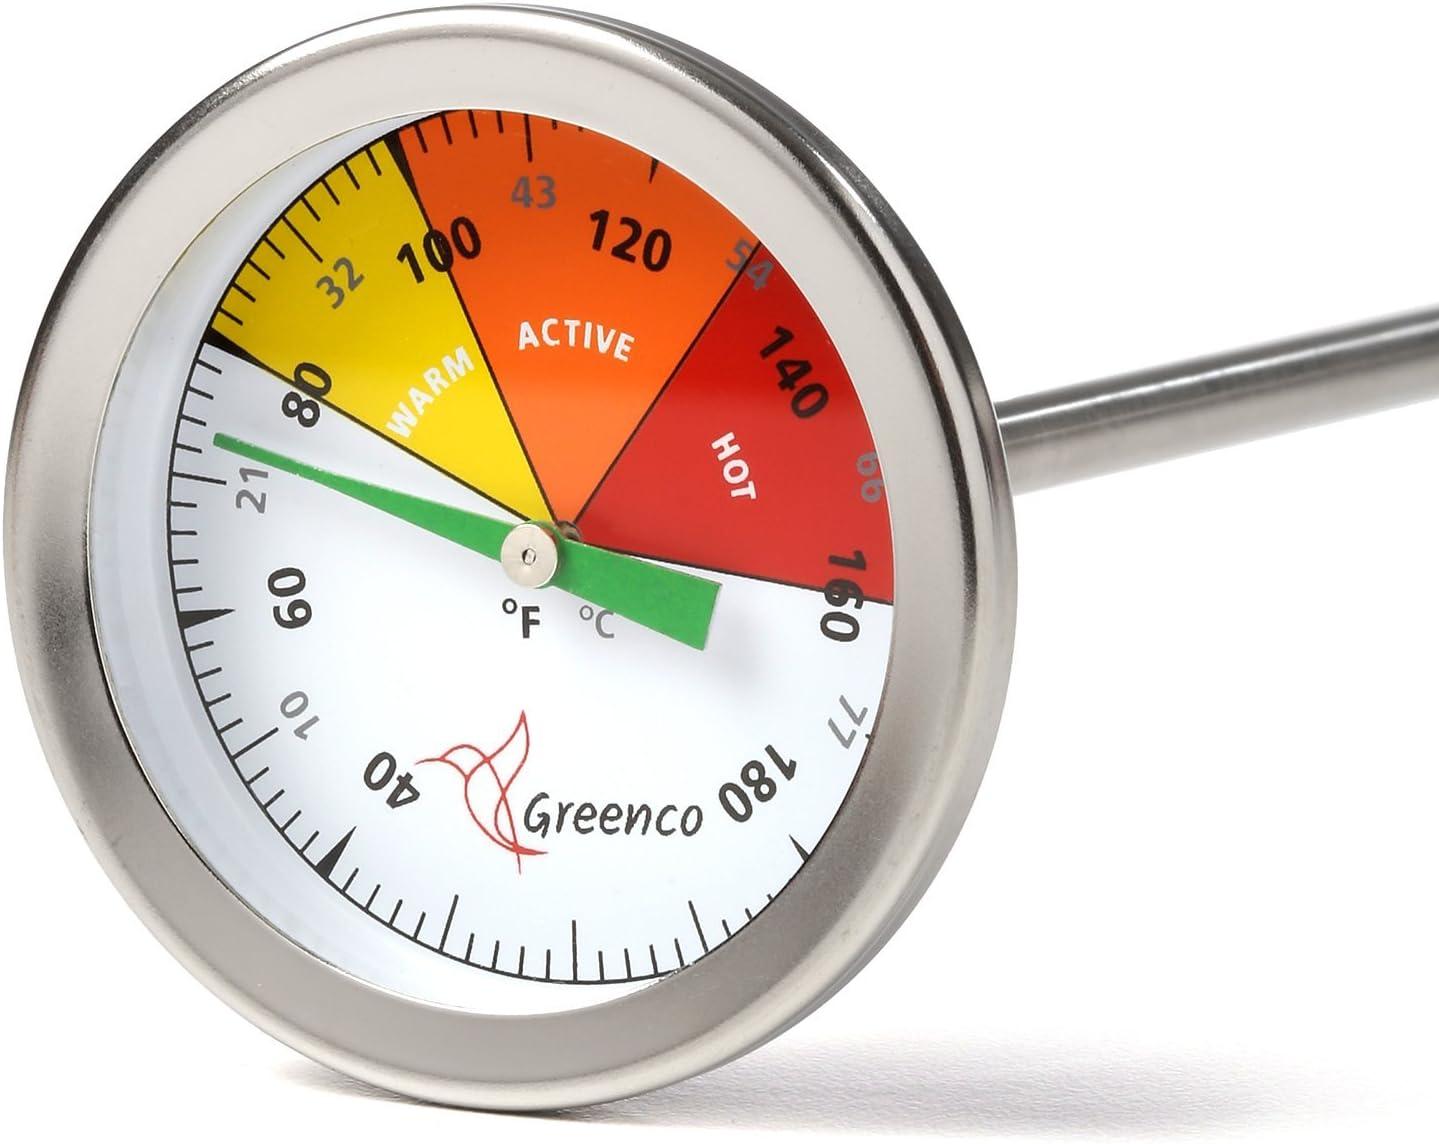 Greenco Compost Soil Thermometer